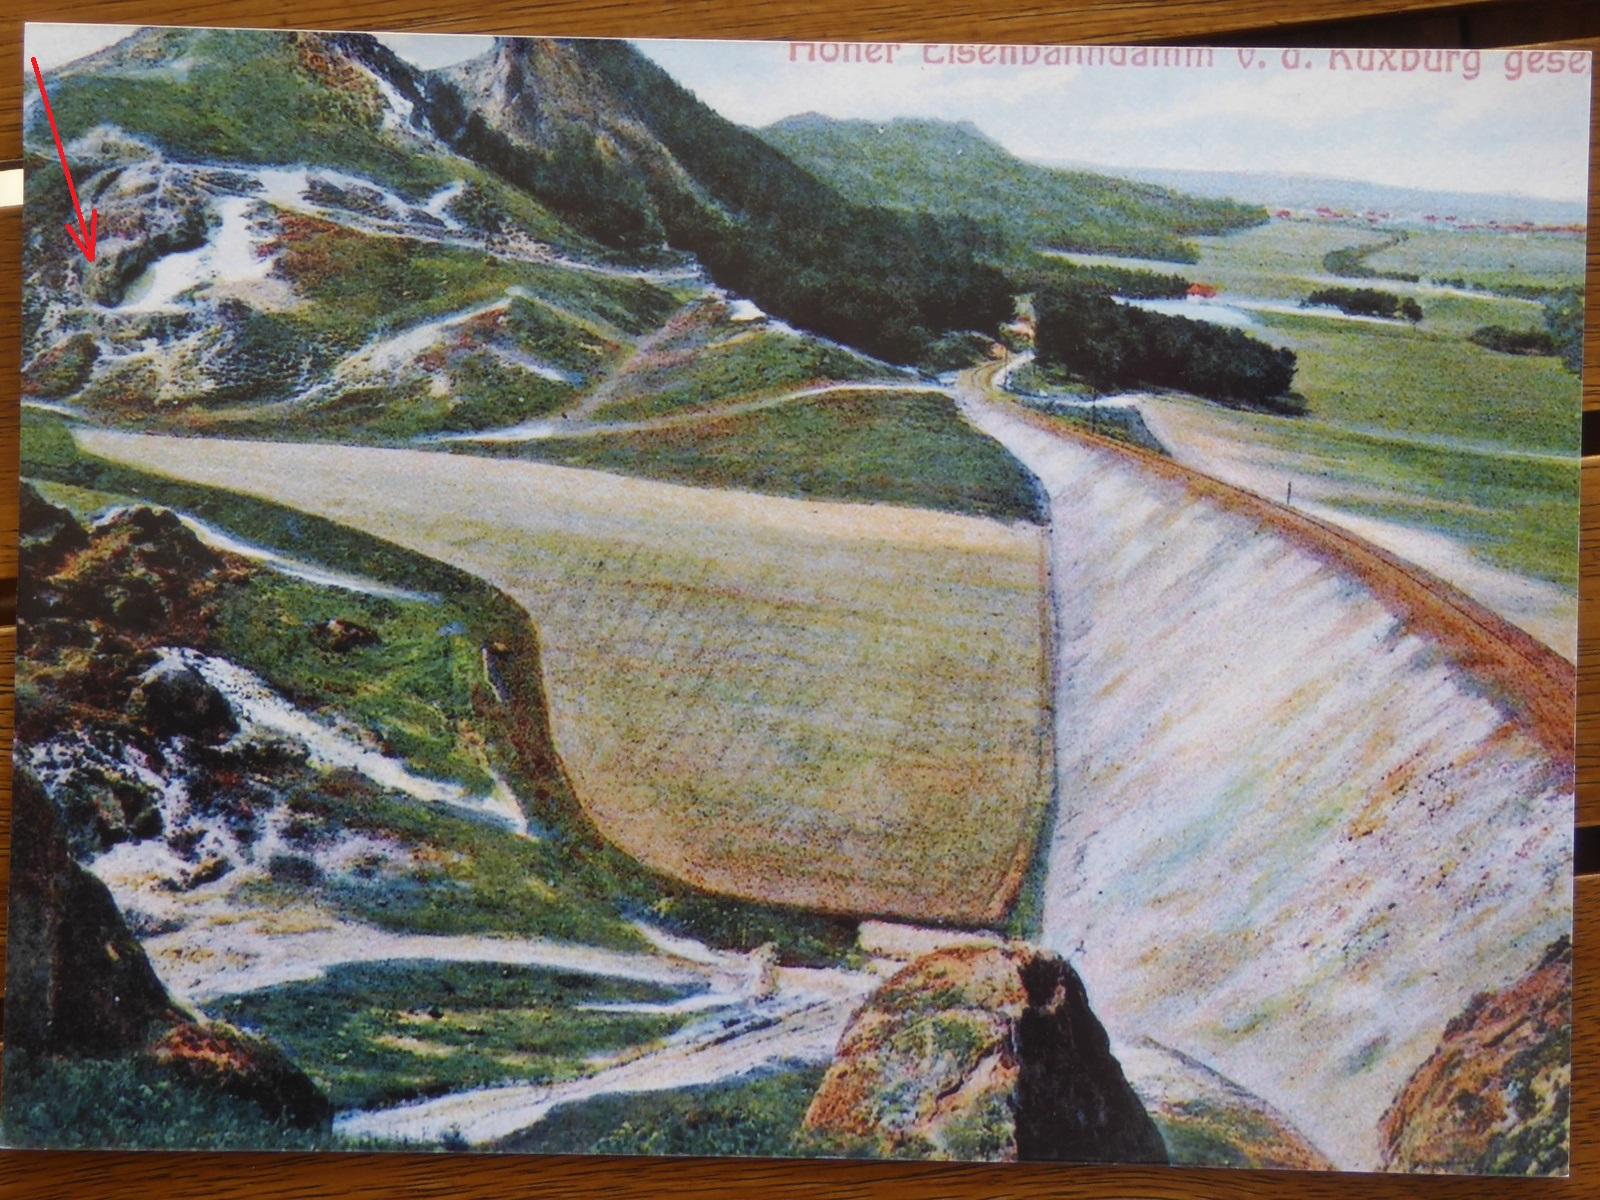 Historische Ansichtskarte mit dem Sandlauf und dem Felsen (roter Pfeil)